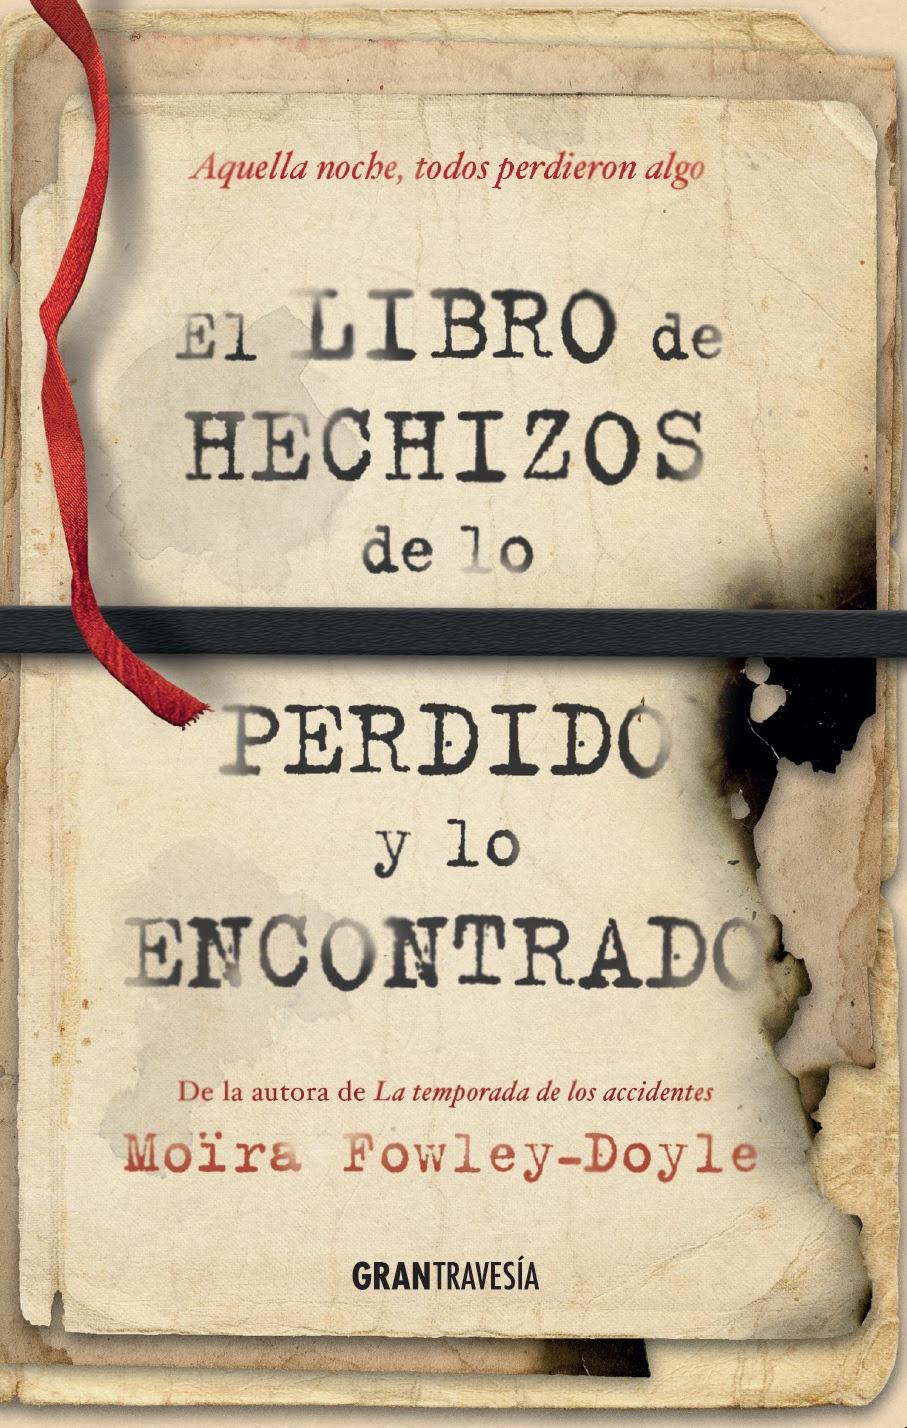 http://www.grantravesia.es/wp-content/uploads/2017/11/EL-LIBRO-DE-HECHIZOS-DE-LO-PERDIDO-Y-LO-ENCONTRADO.jpg